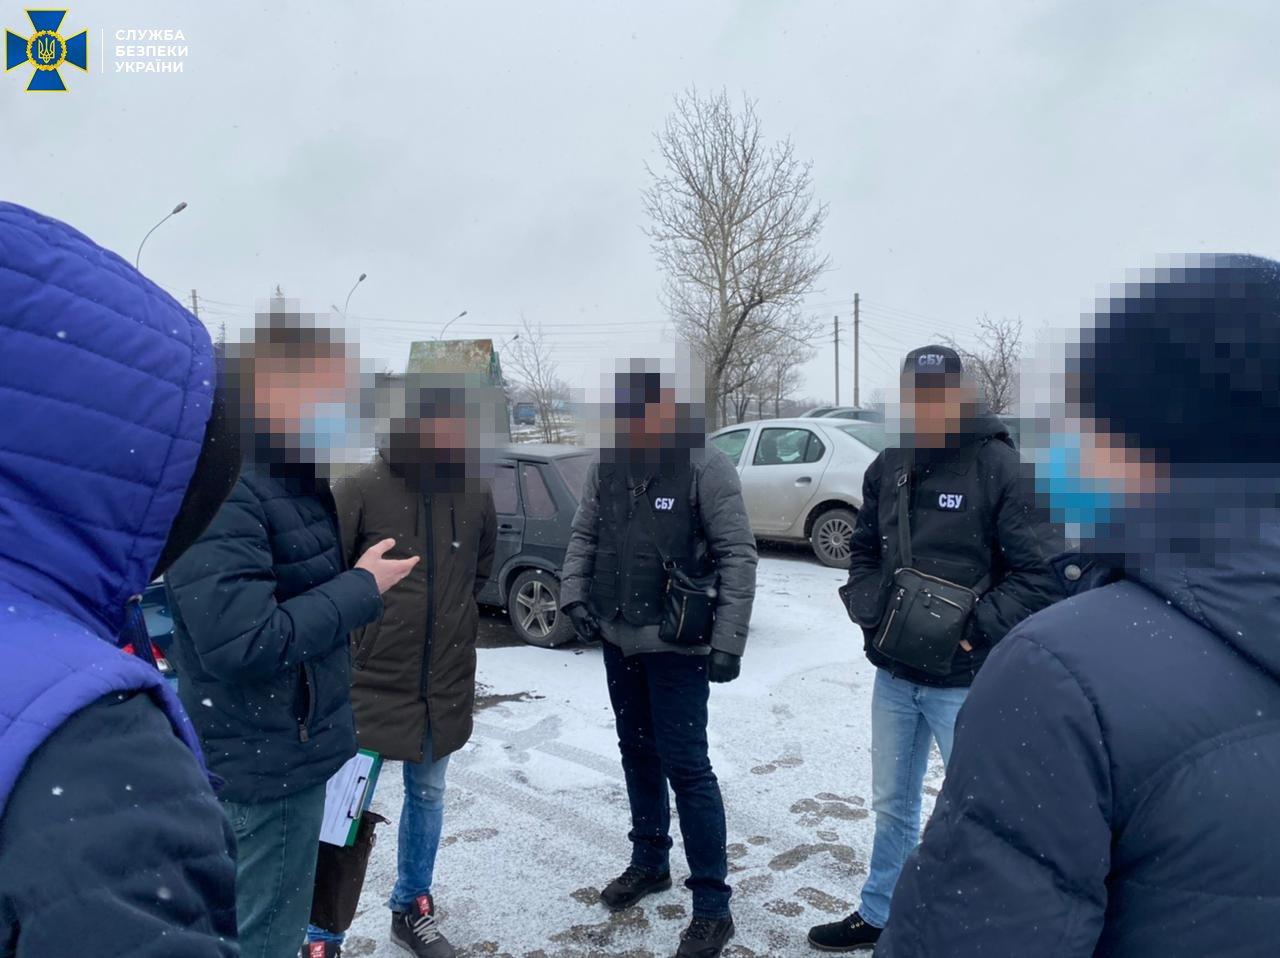 В Днепропетровской области СБУ разоблачила коррупционную схему чиновницы городского суда, фото-4